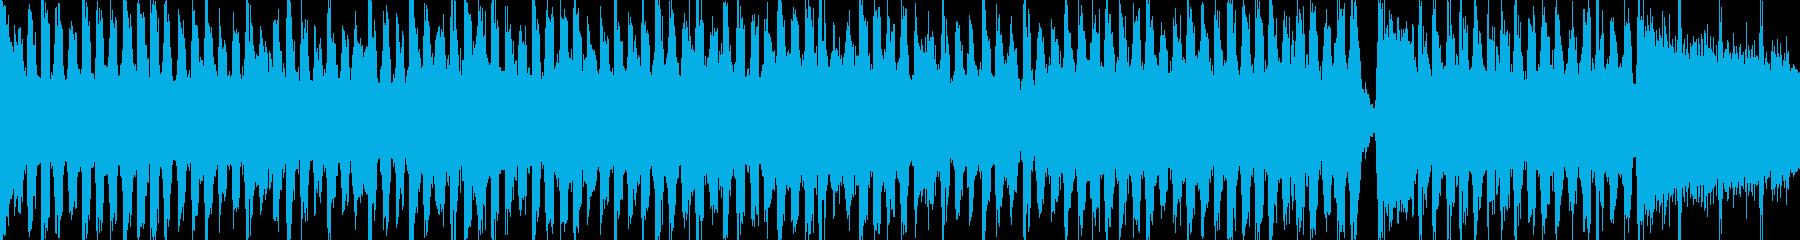 軽快なアコースティックギターポップスの再生済みの波形